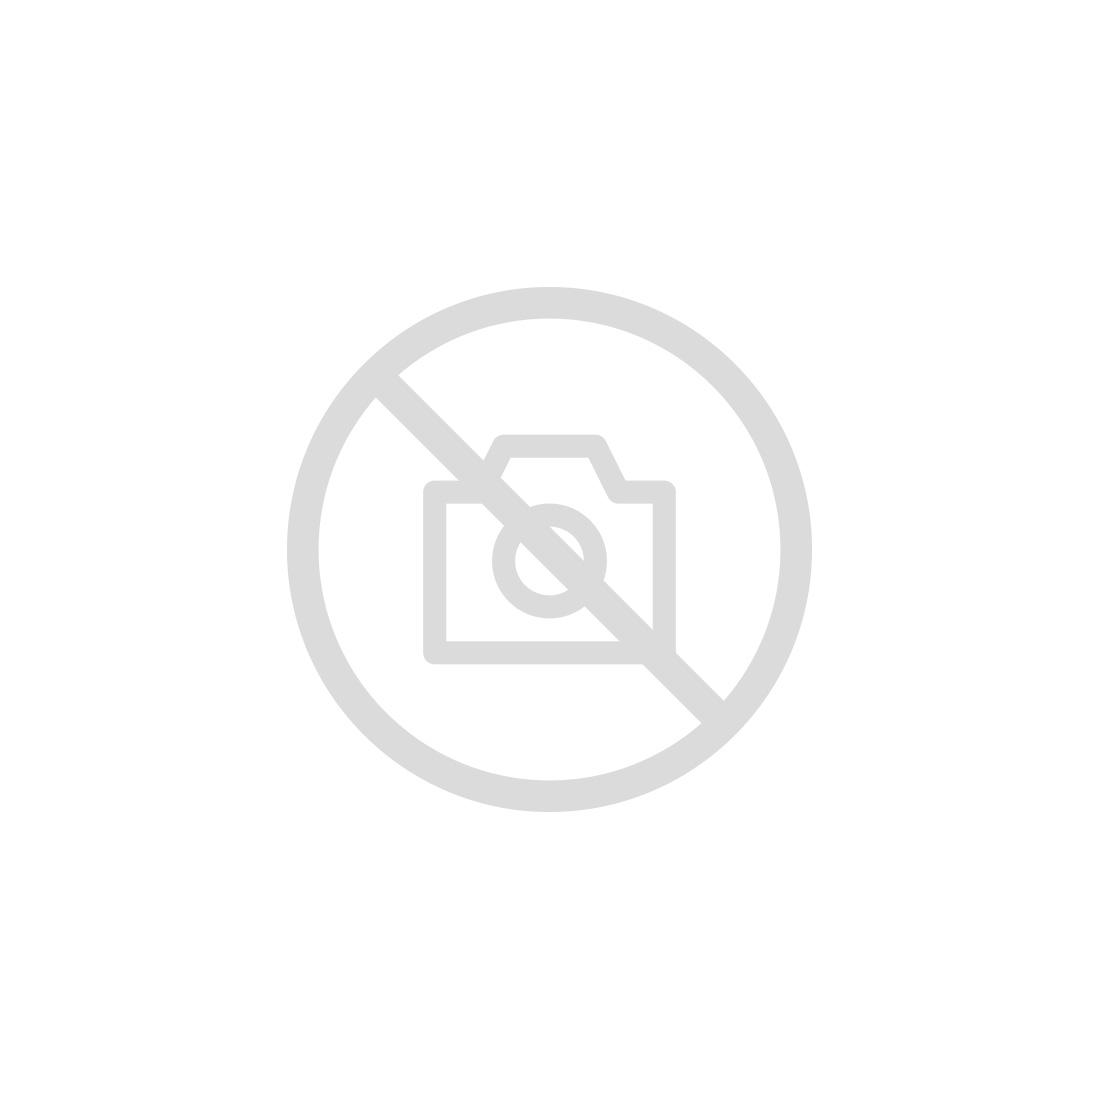 Booq Boa courier for MacBook 13 (graphite)